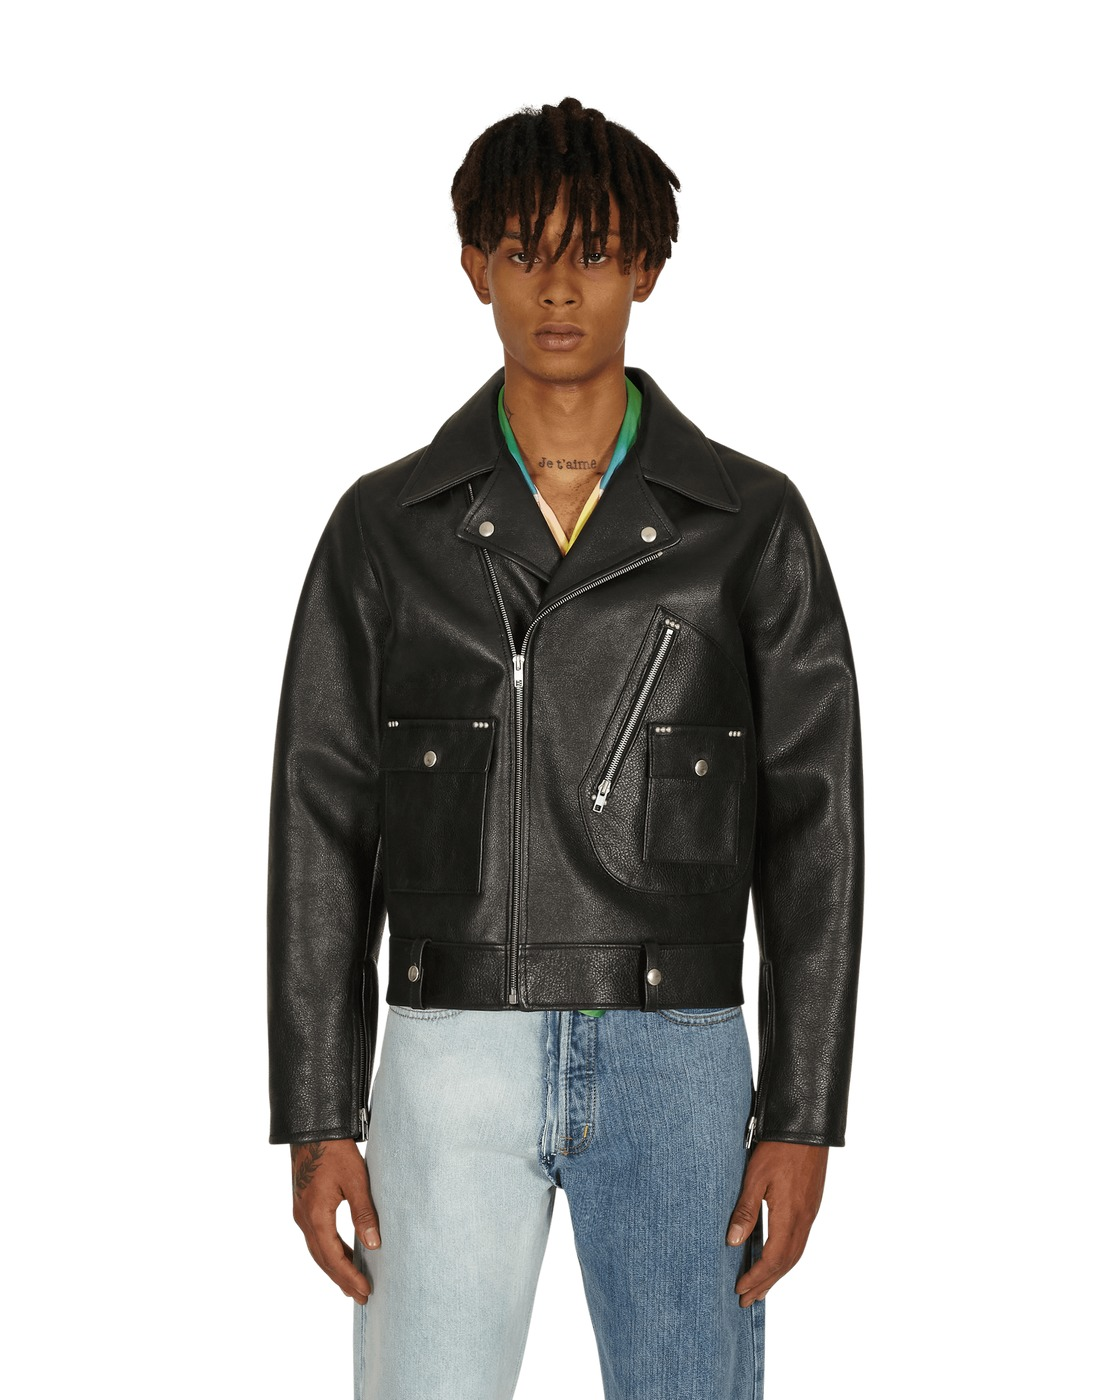 Maison Margiela Leather Jacket Black